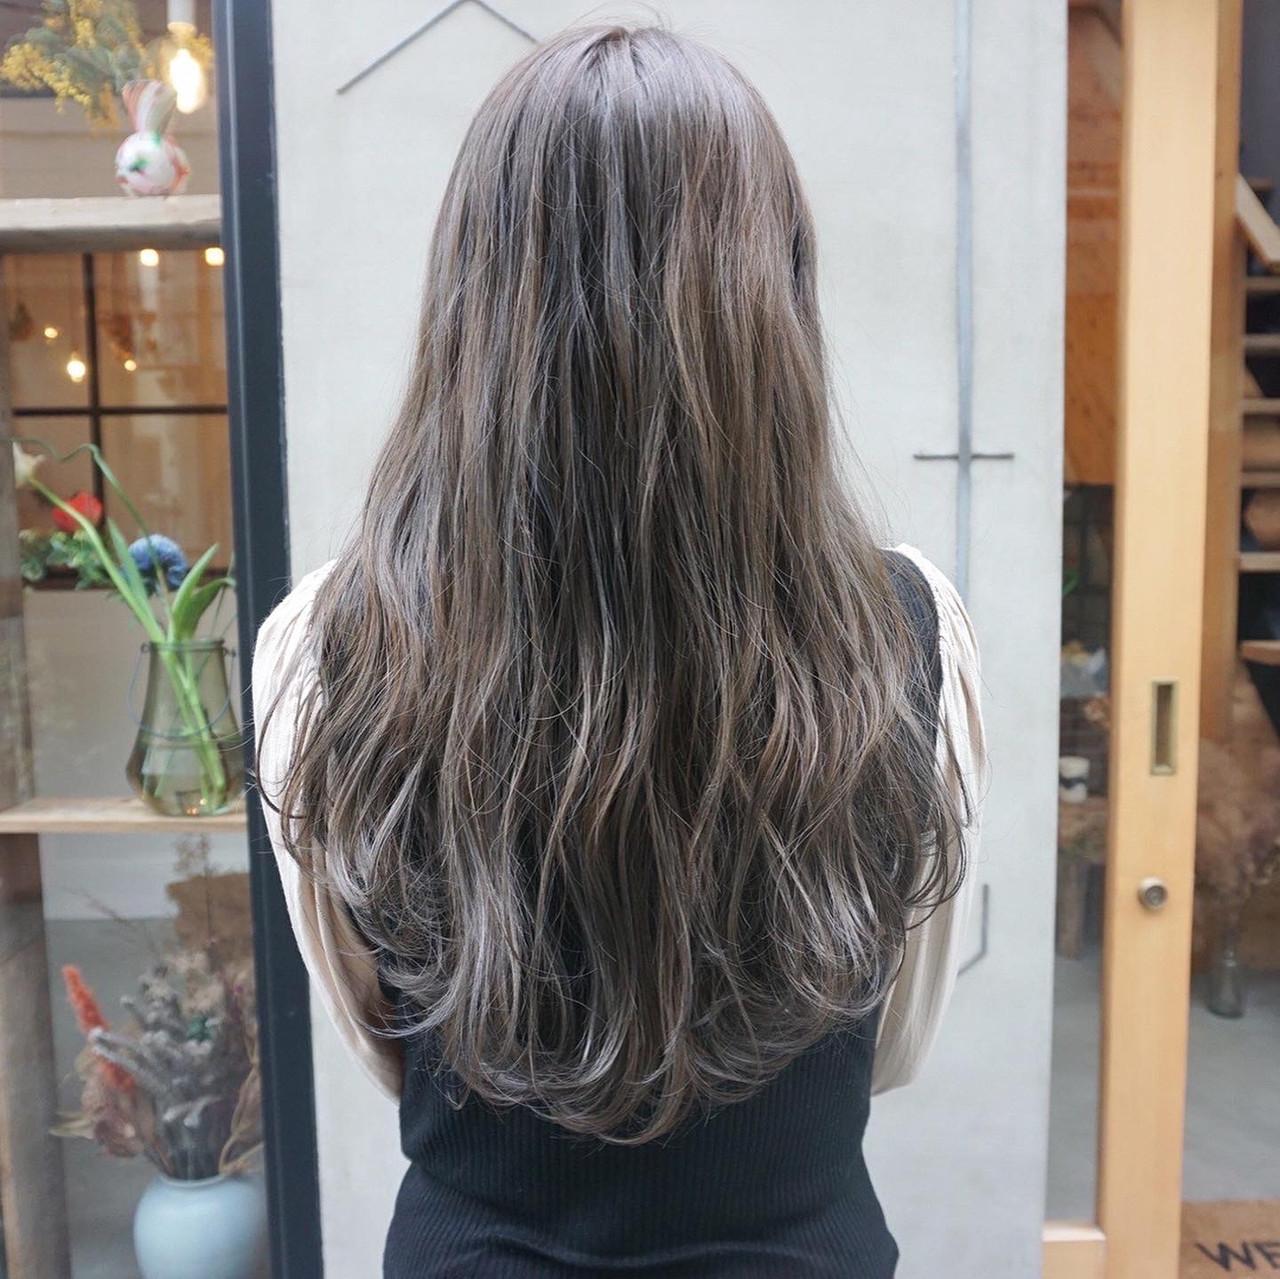 透明感カラー 透明感 くすみカラー ロングヘアスタイルや髪型の写真・画像